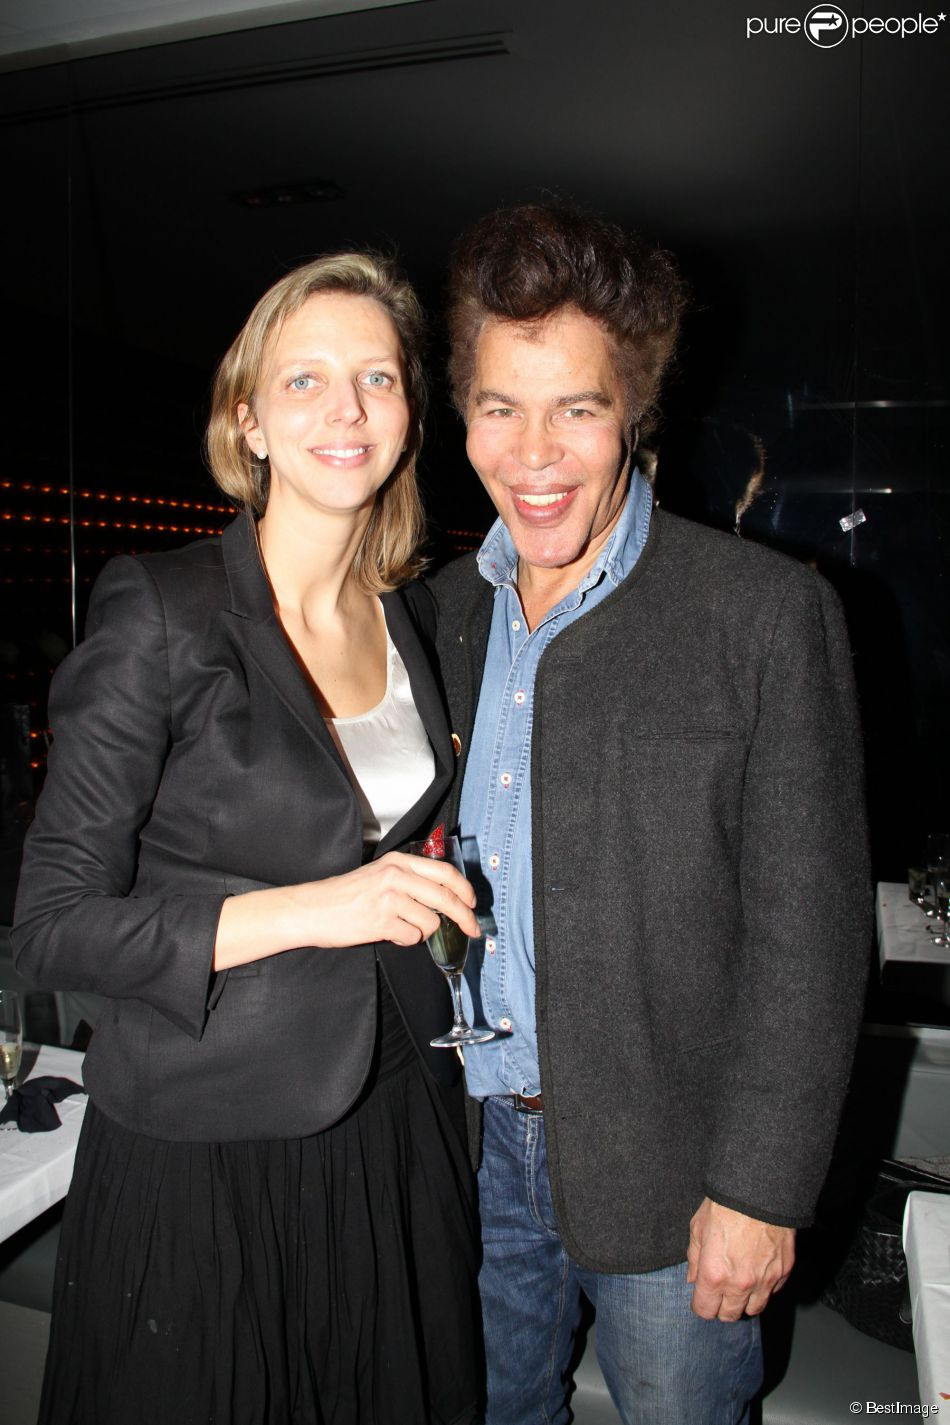 """Exclusif - Igor Bogdanoff et sa femme Amélie de Bourbon Parme - Steevy Boulay fête son 34e anniversaire dans le bar restaurant le """"Who's"""" dans le Marais à Paris le 19 février 2014."""